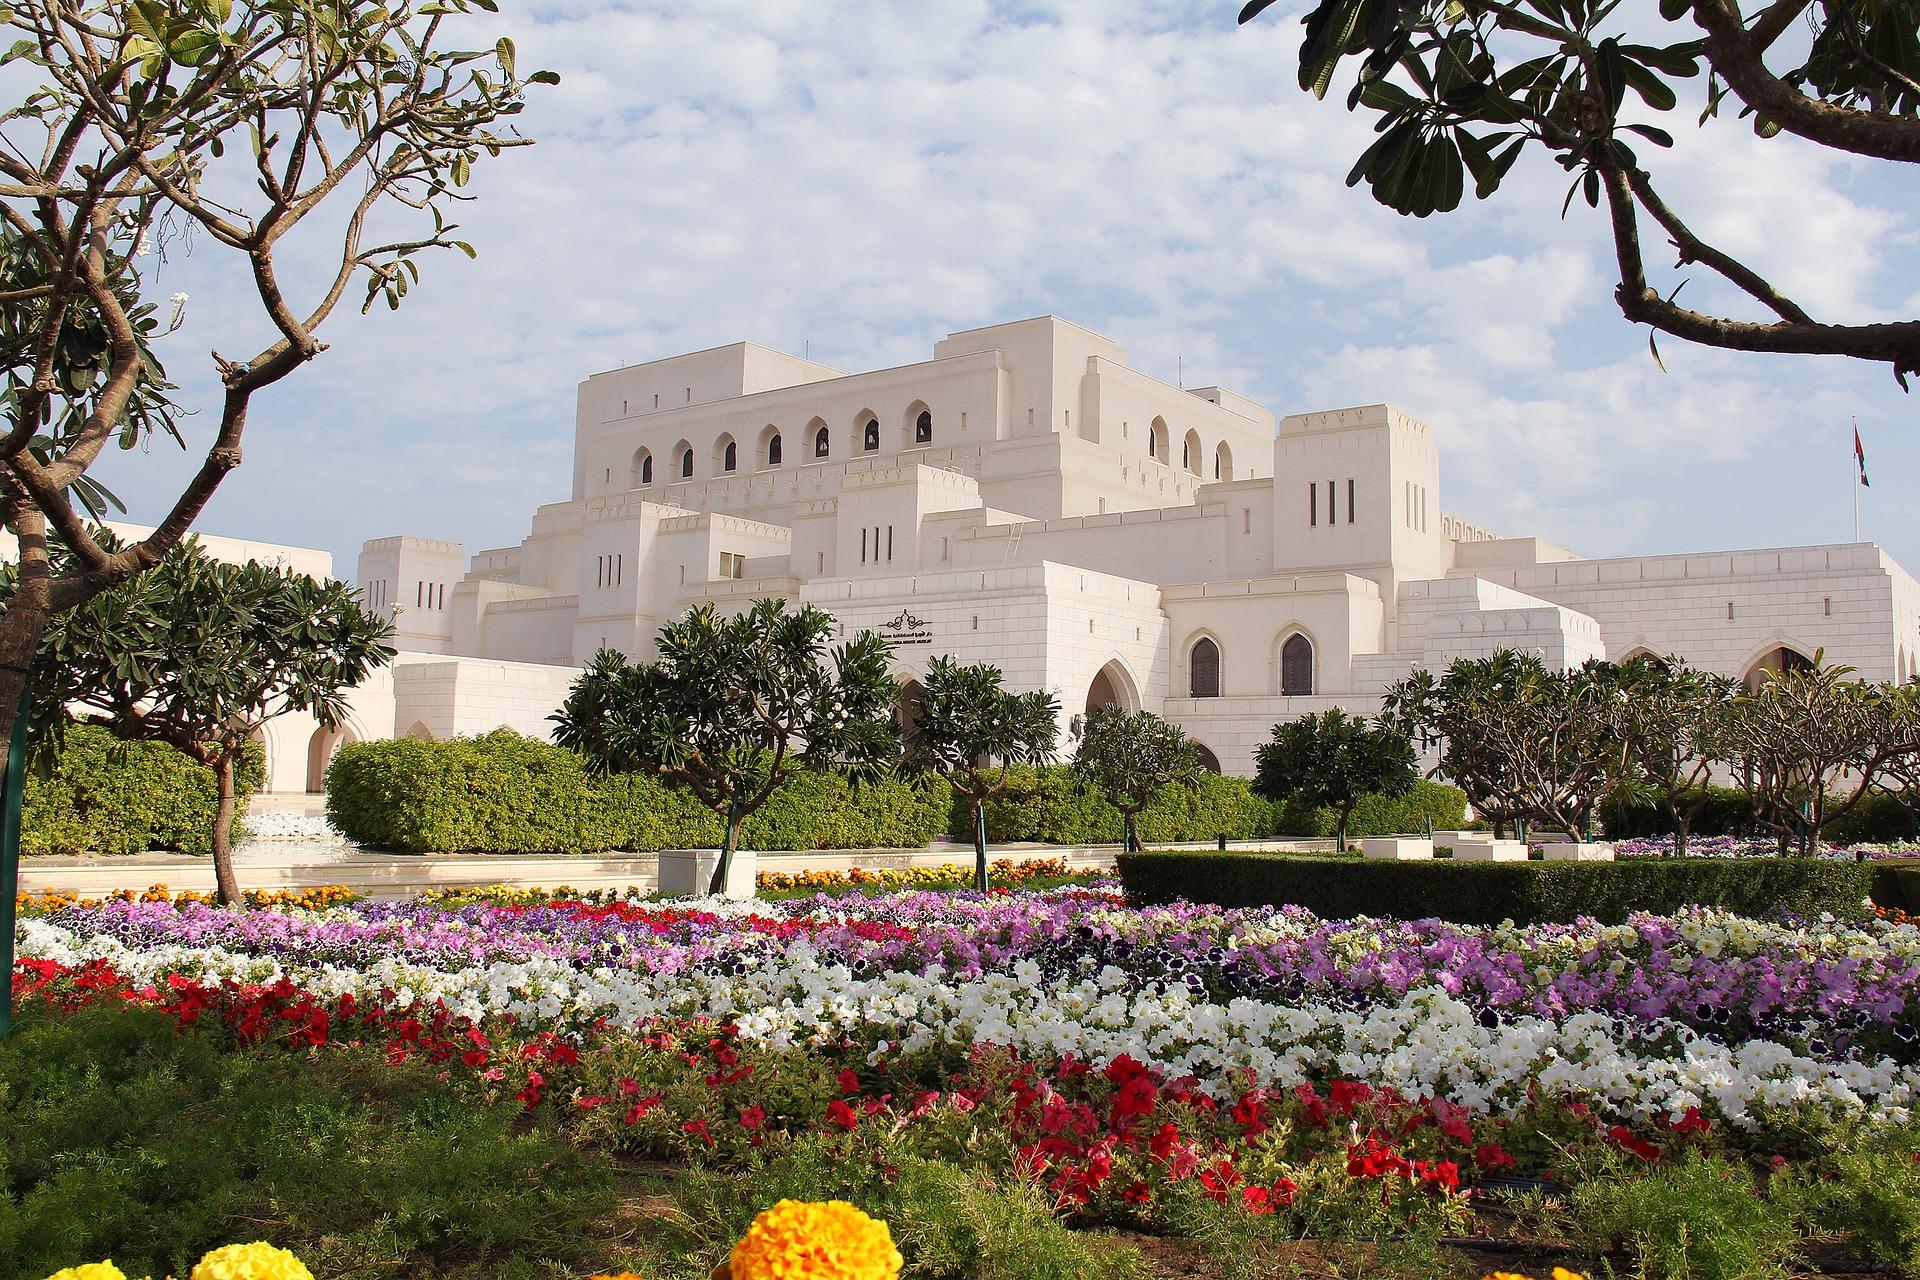 عمان تمنح المستثمر الجنبي إقامة طويلة الأمد